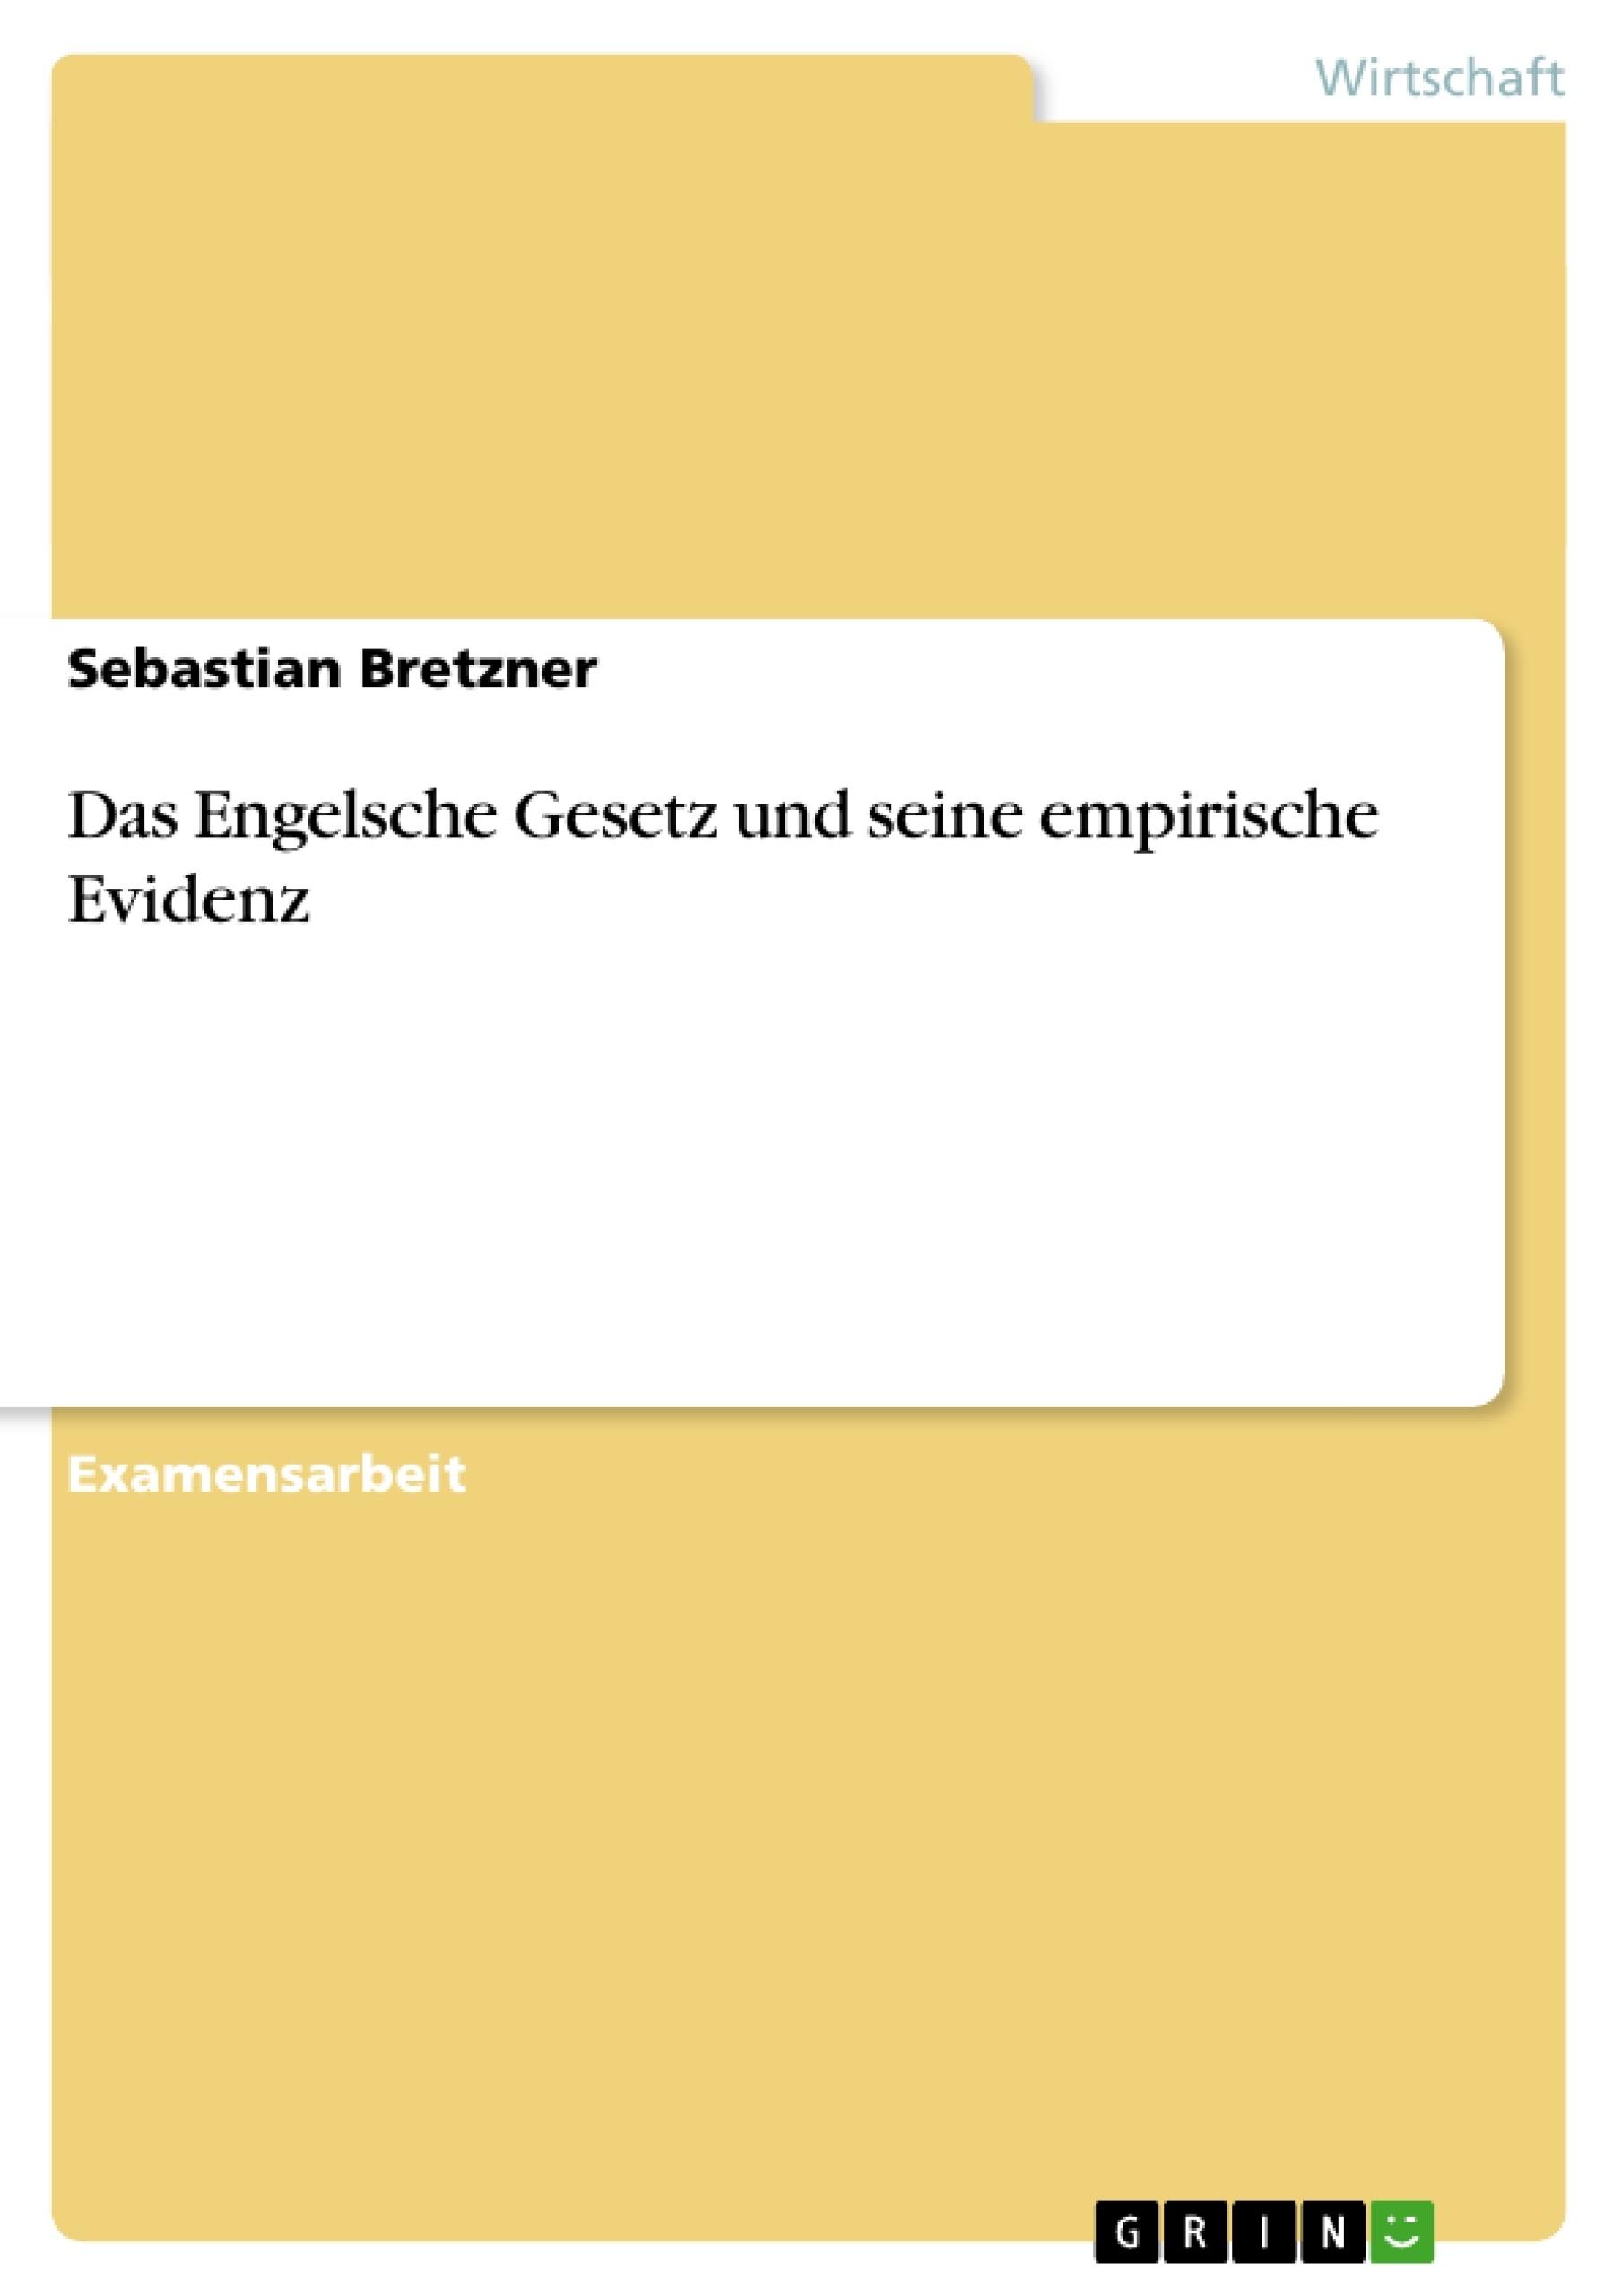 Titel: Das Engelsche Gesetz und seine empirische Evidenz